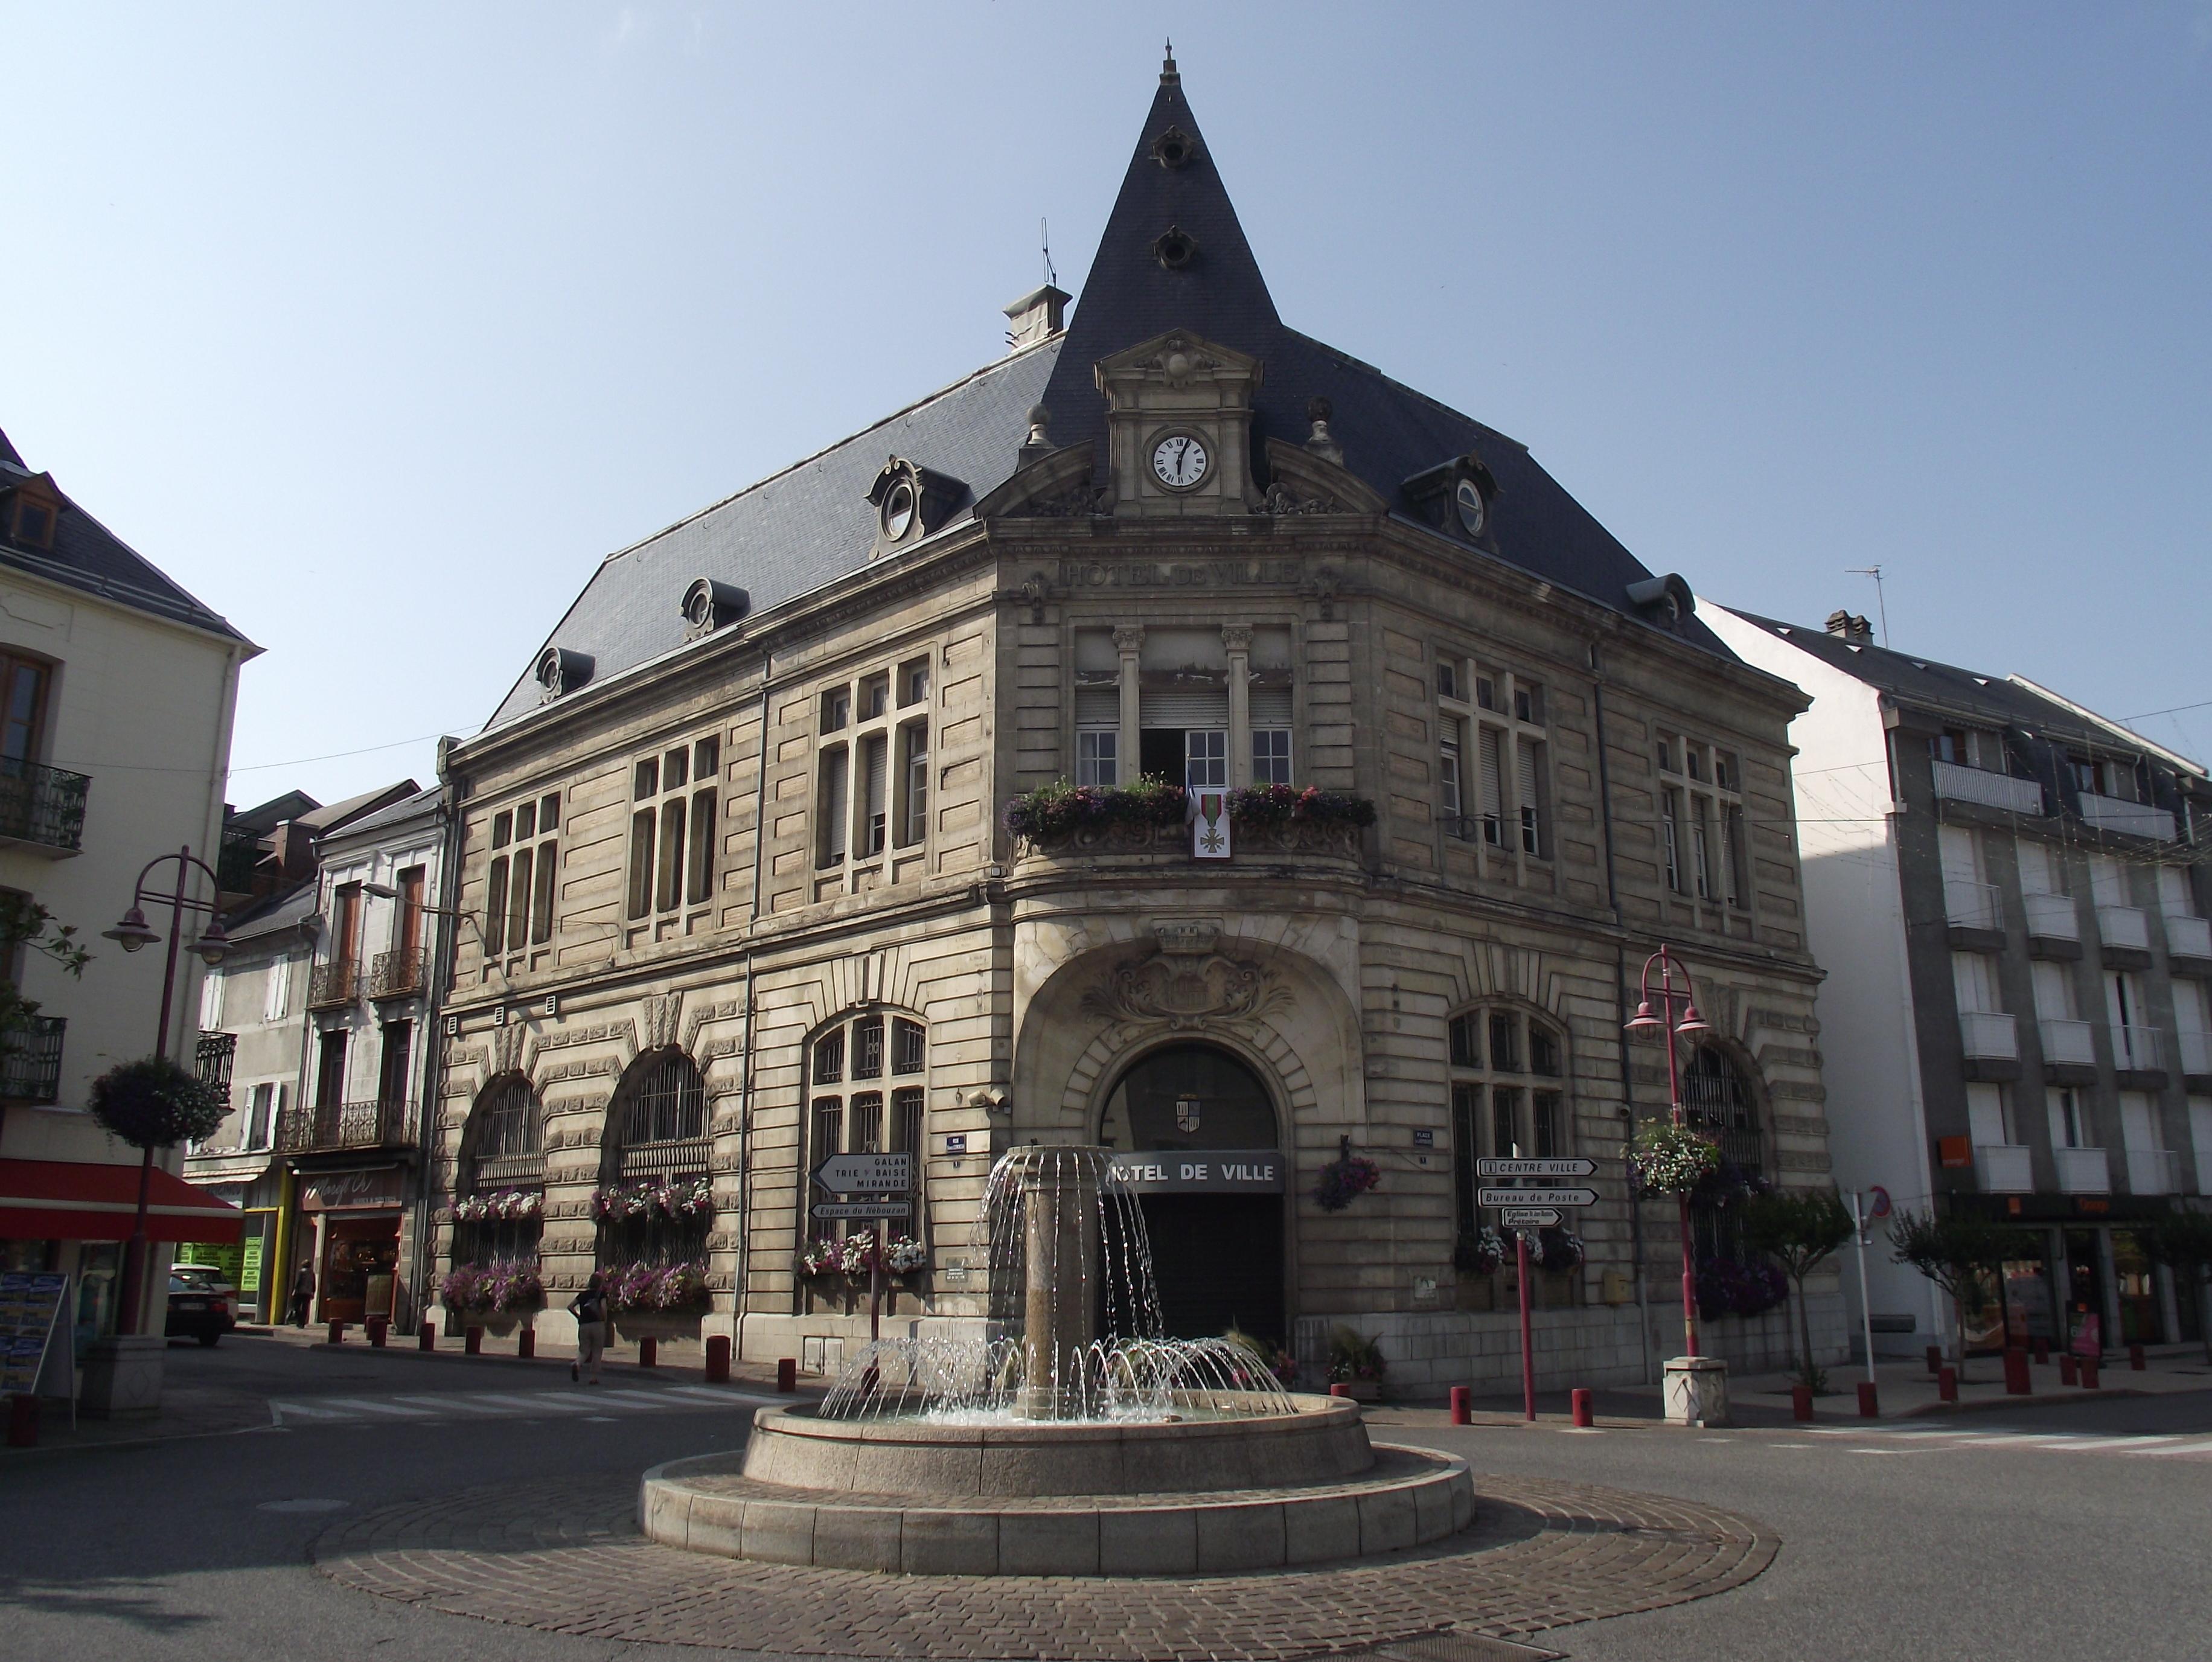 H%C3%B4tel_de_ville_de_Lannemezan_(Hautes-Pyr%C3%A9n%C3%A9es,_France).jpg